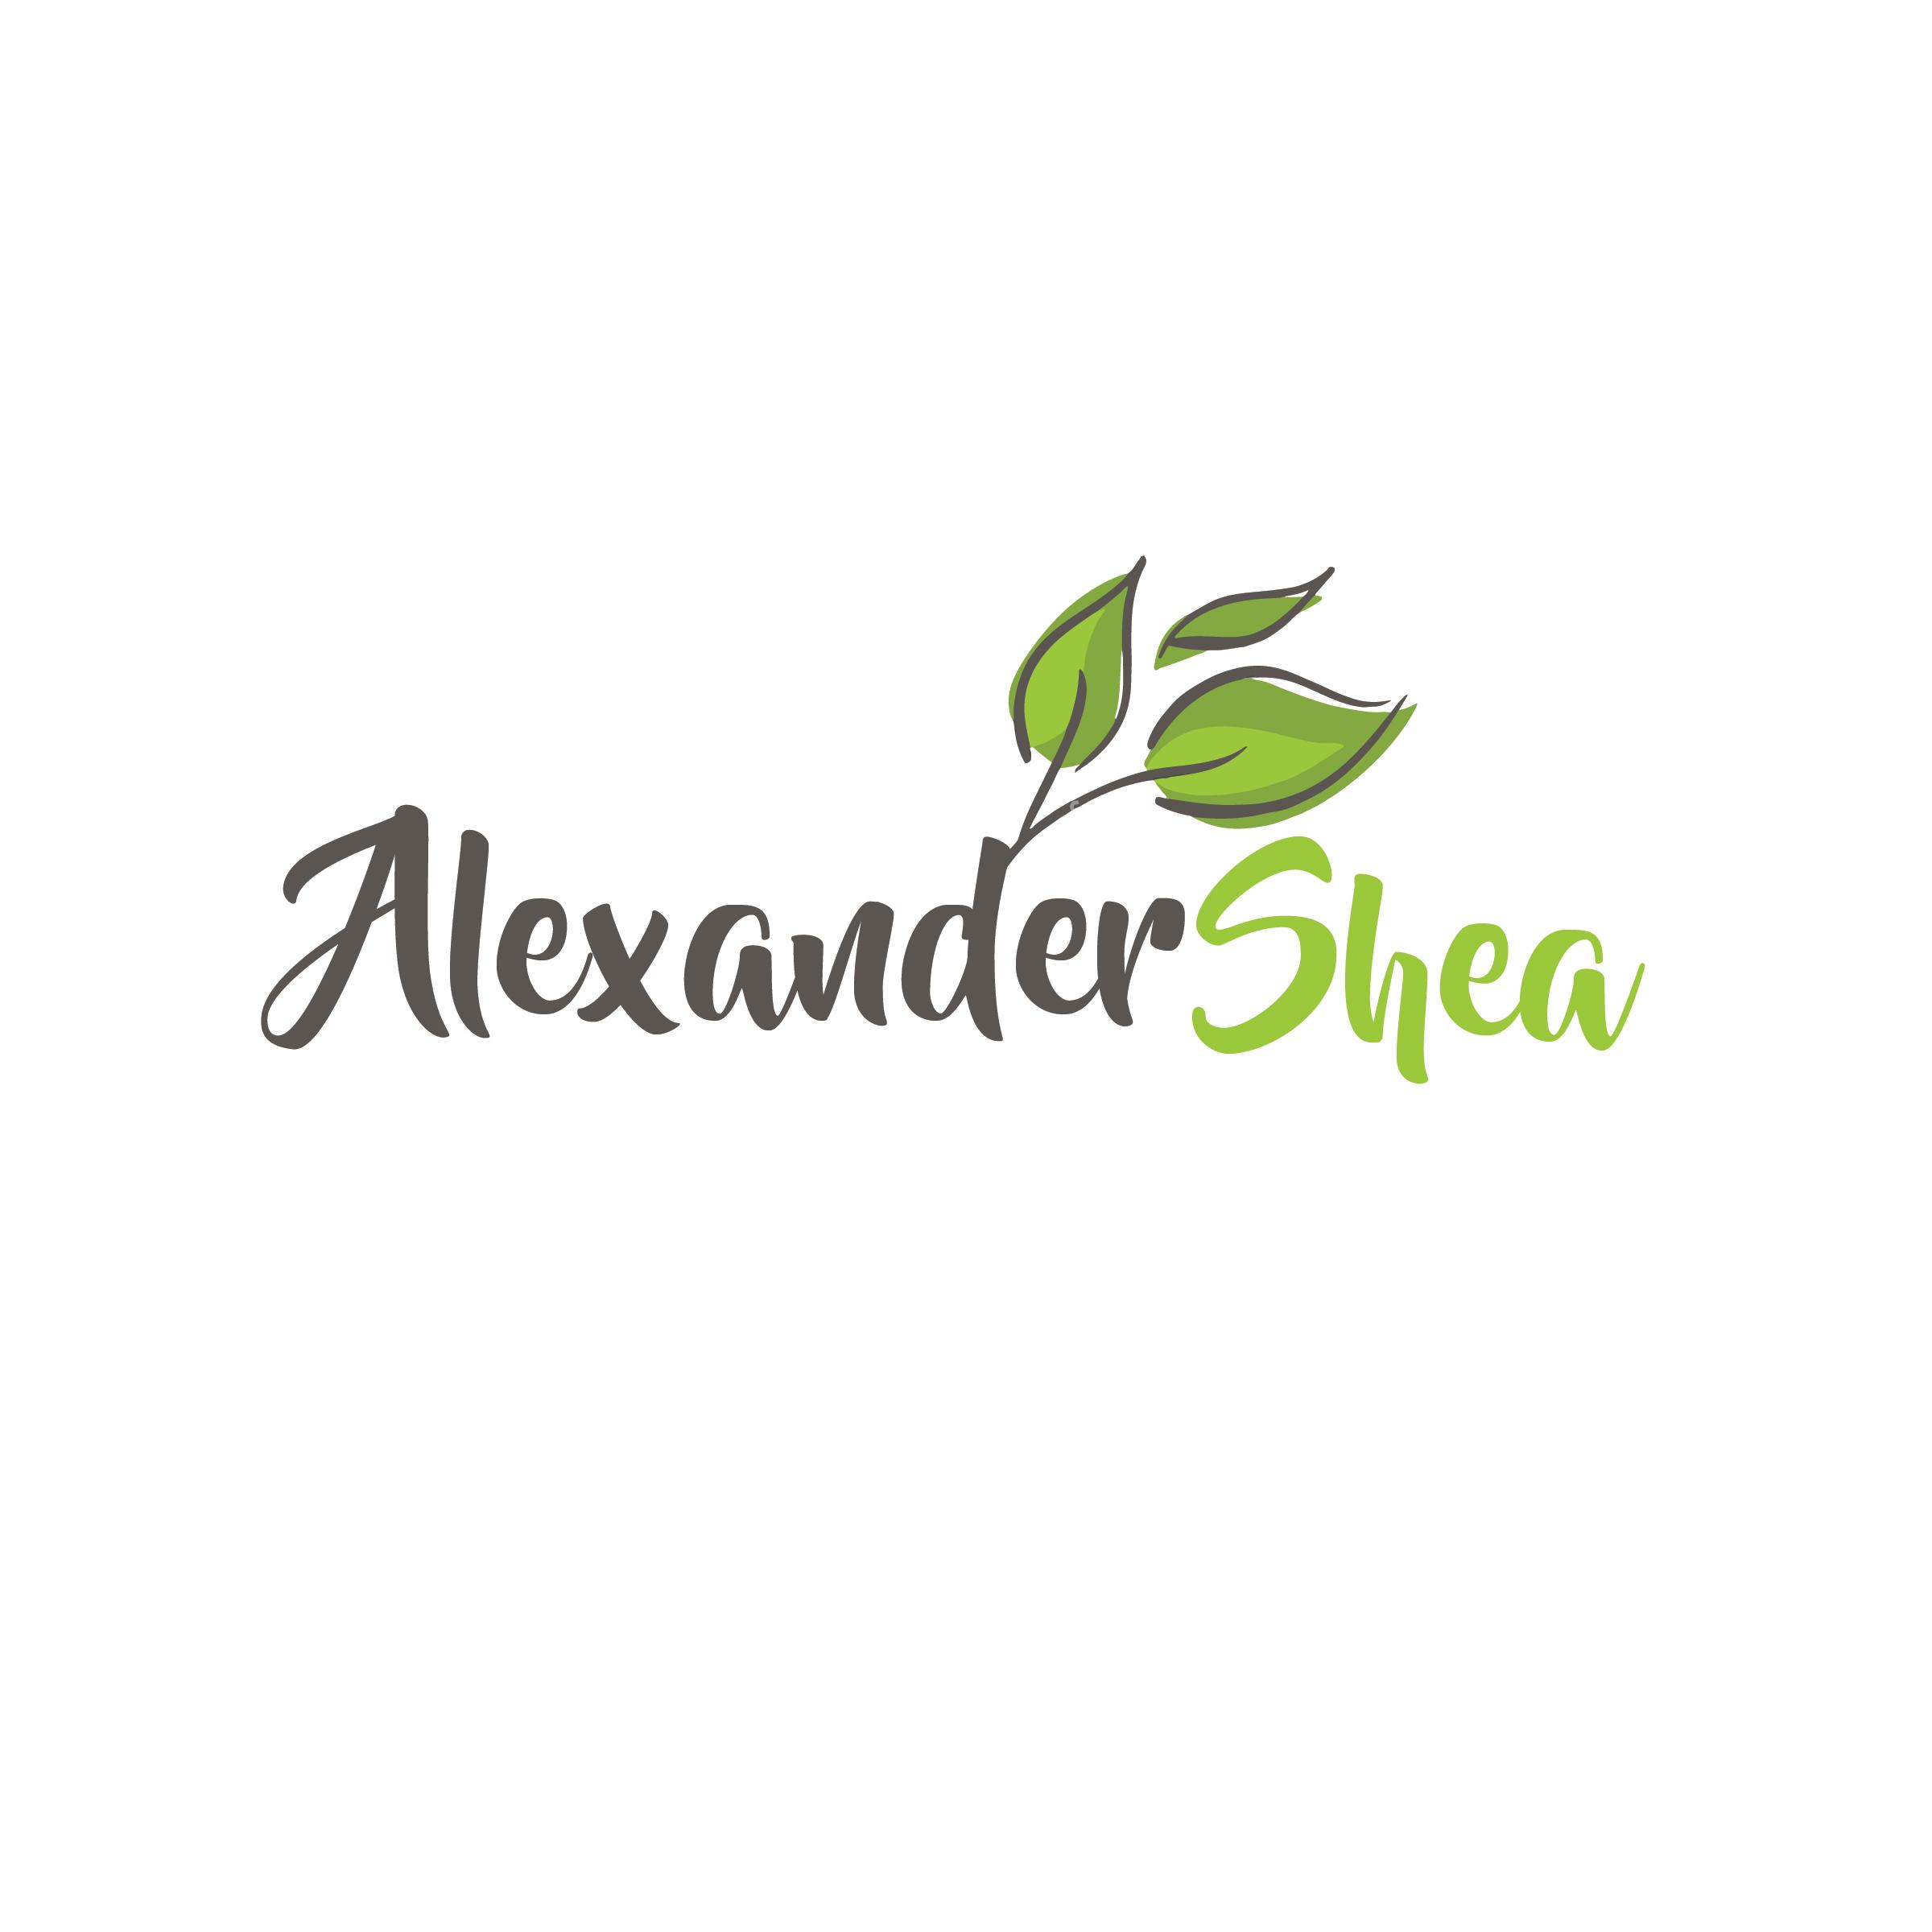 Alexander Shea Trading (Export Company) Main Image